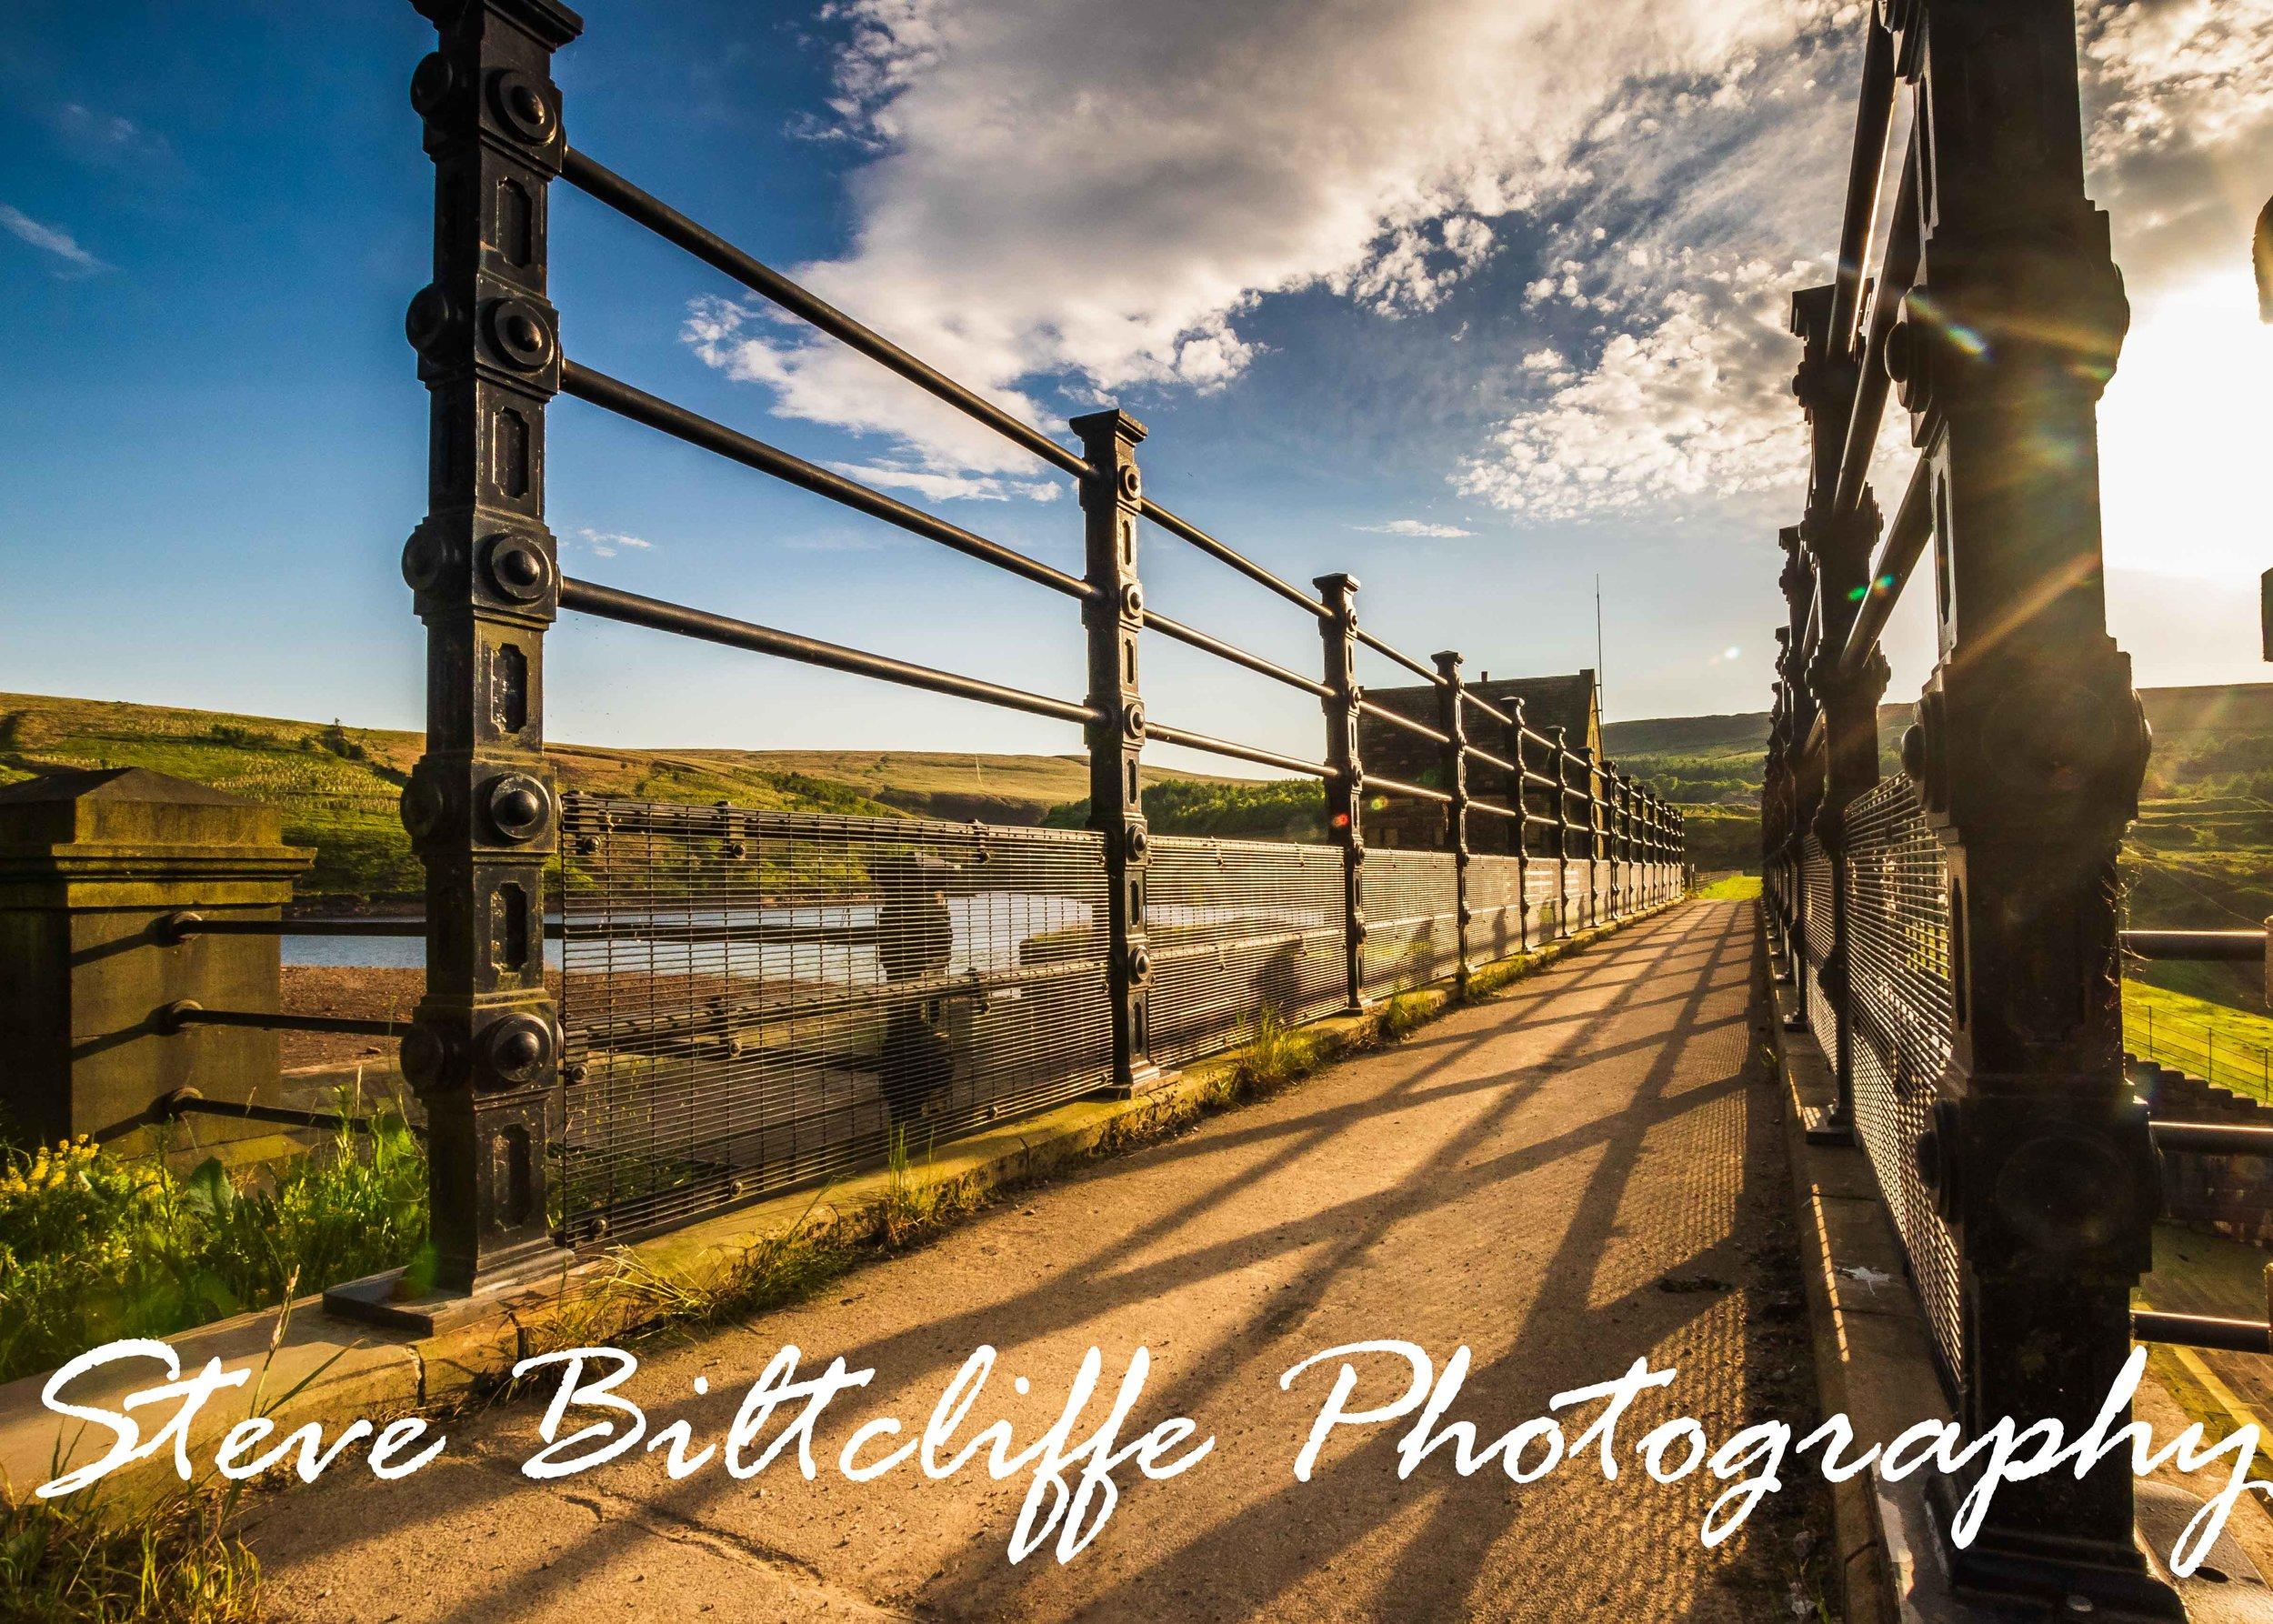 Colne Valley - On the bridge